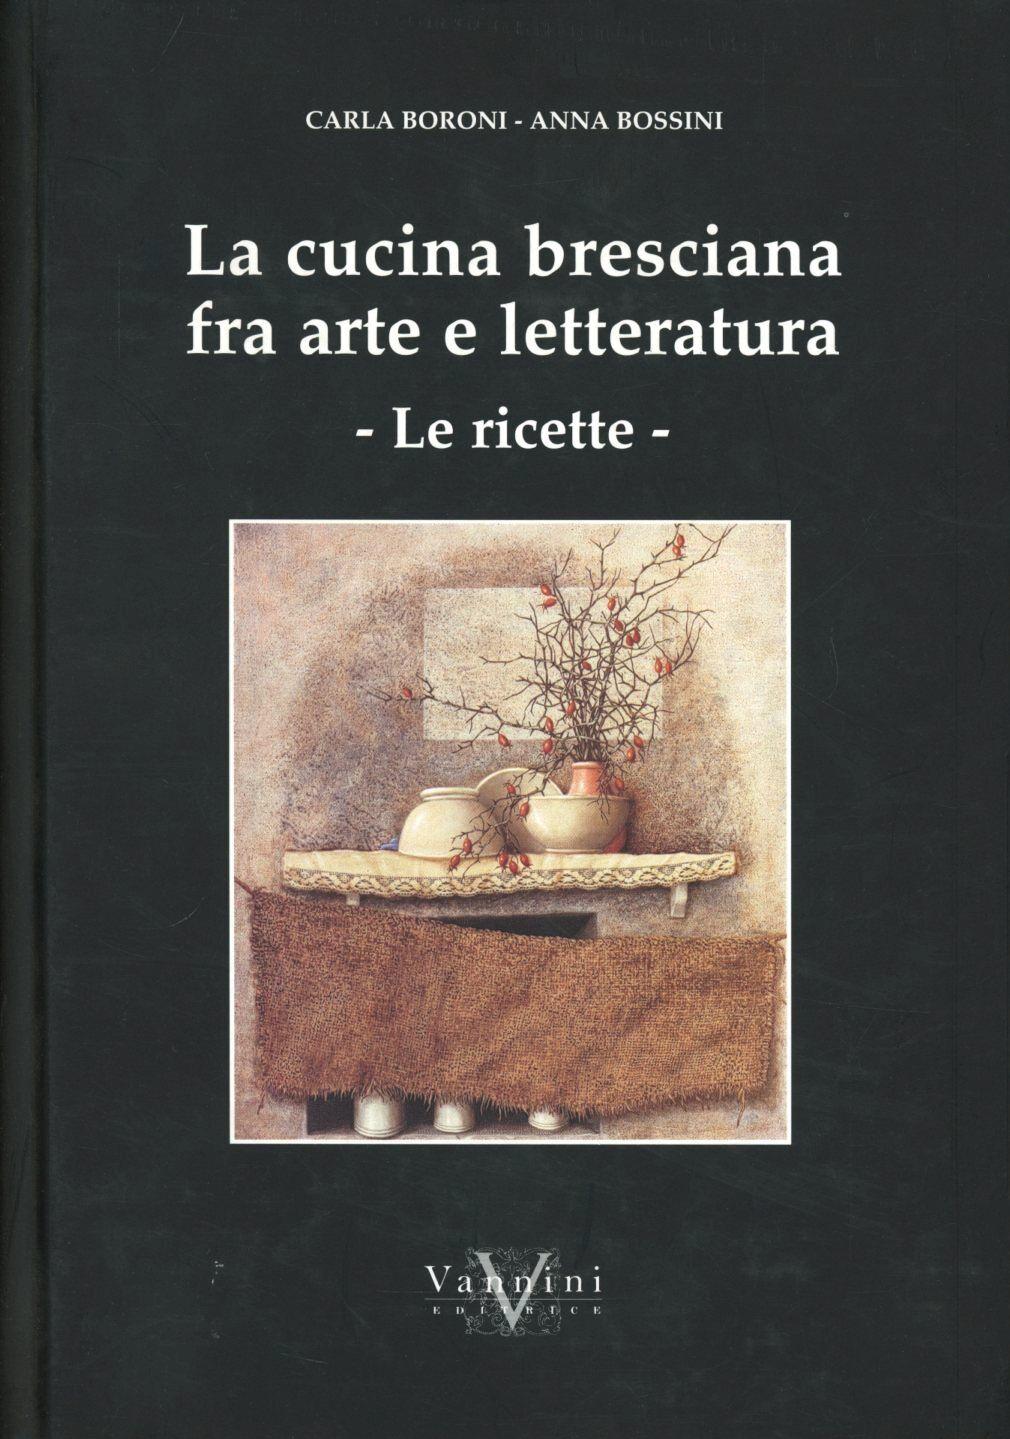 La cucina bresciana tra arte e letteratura. Le ricette